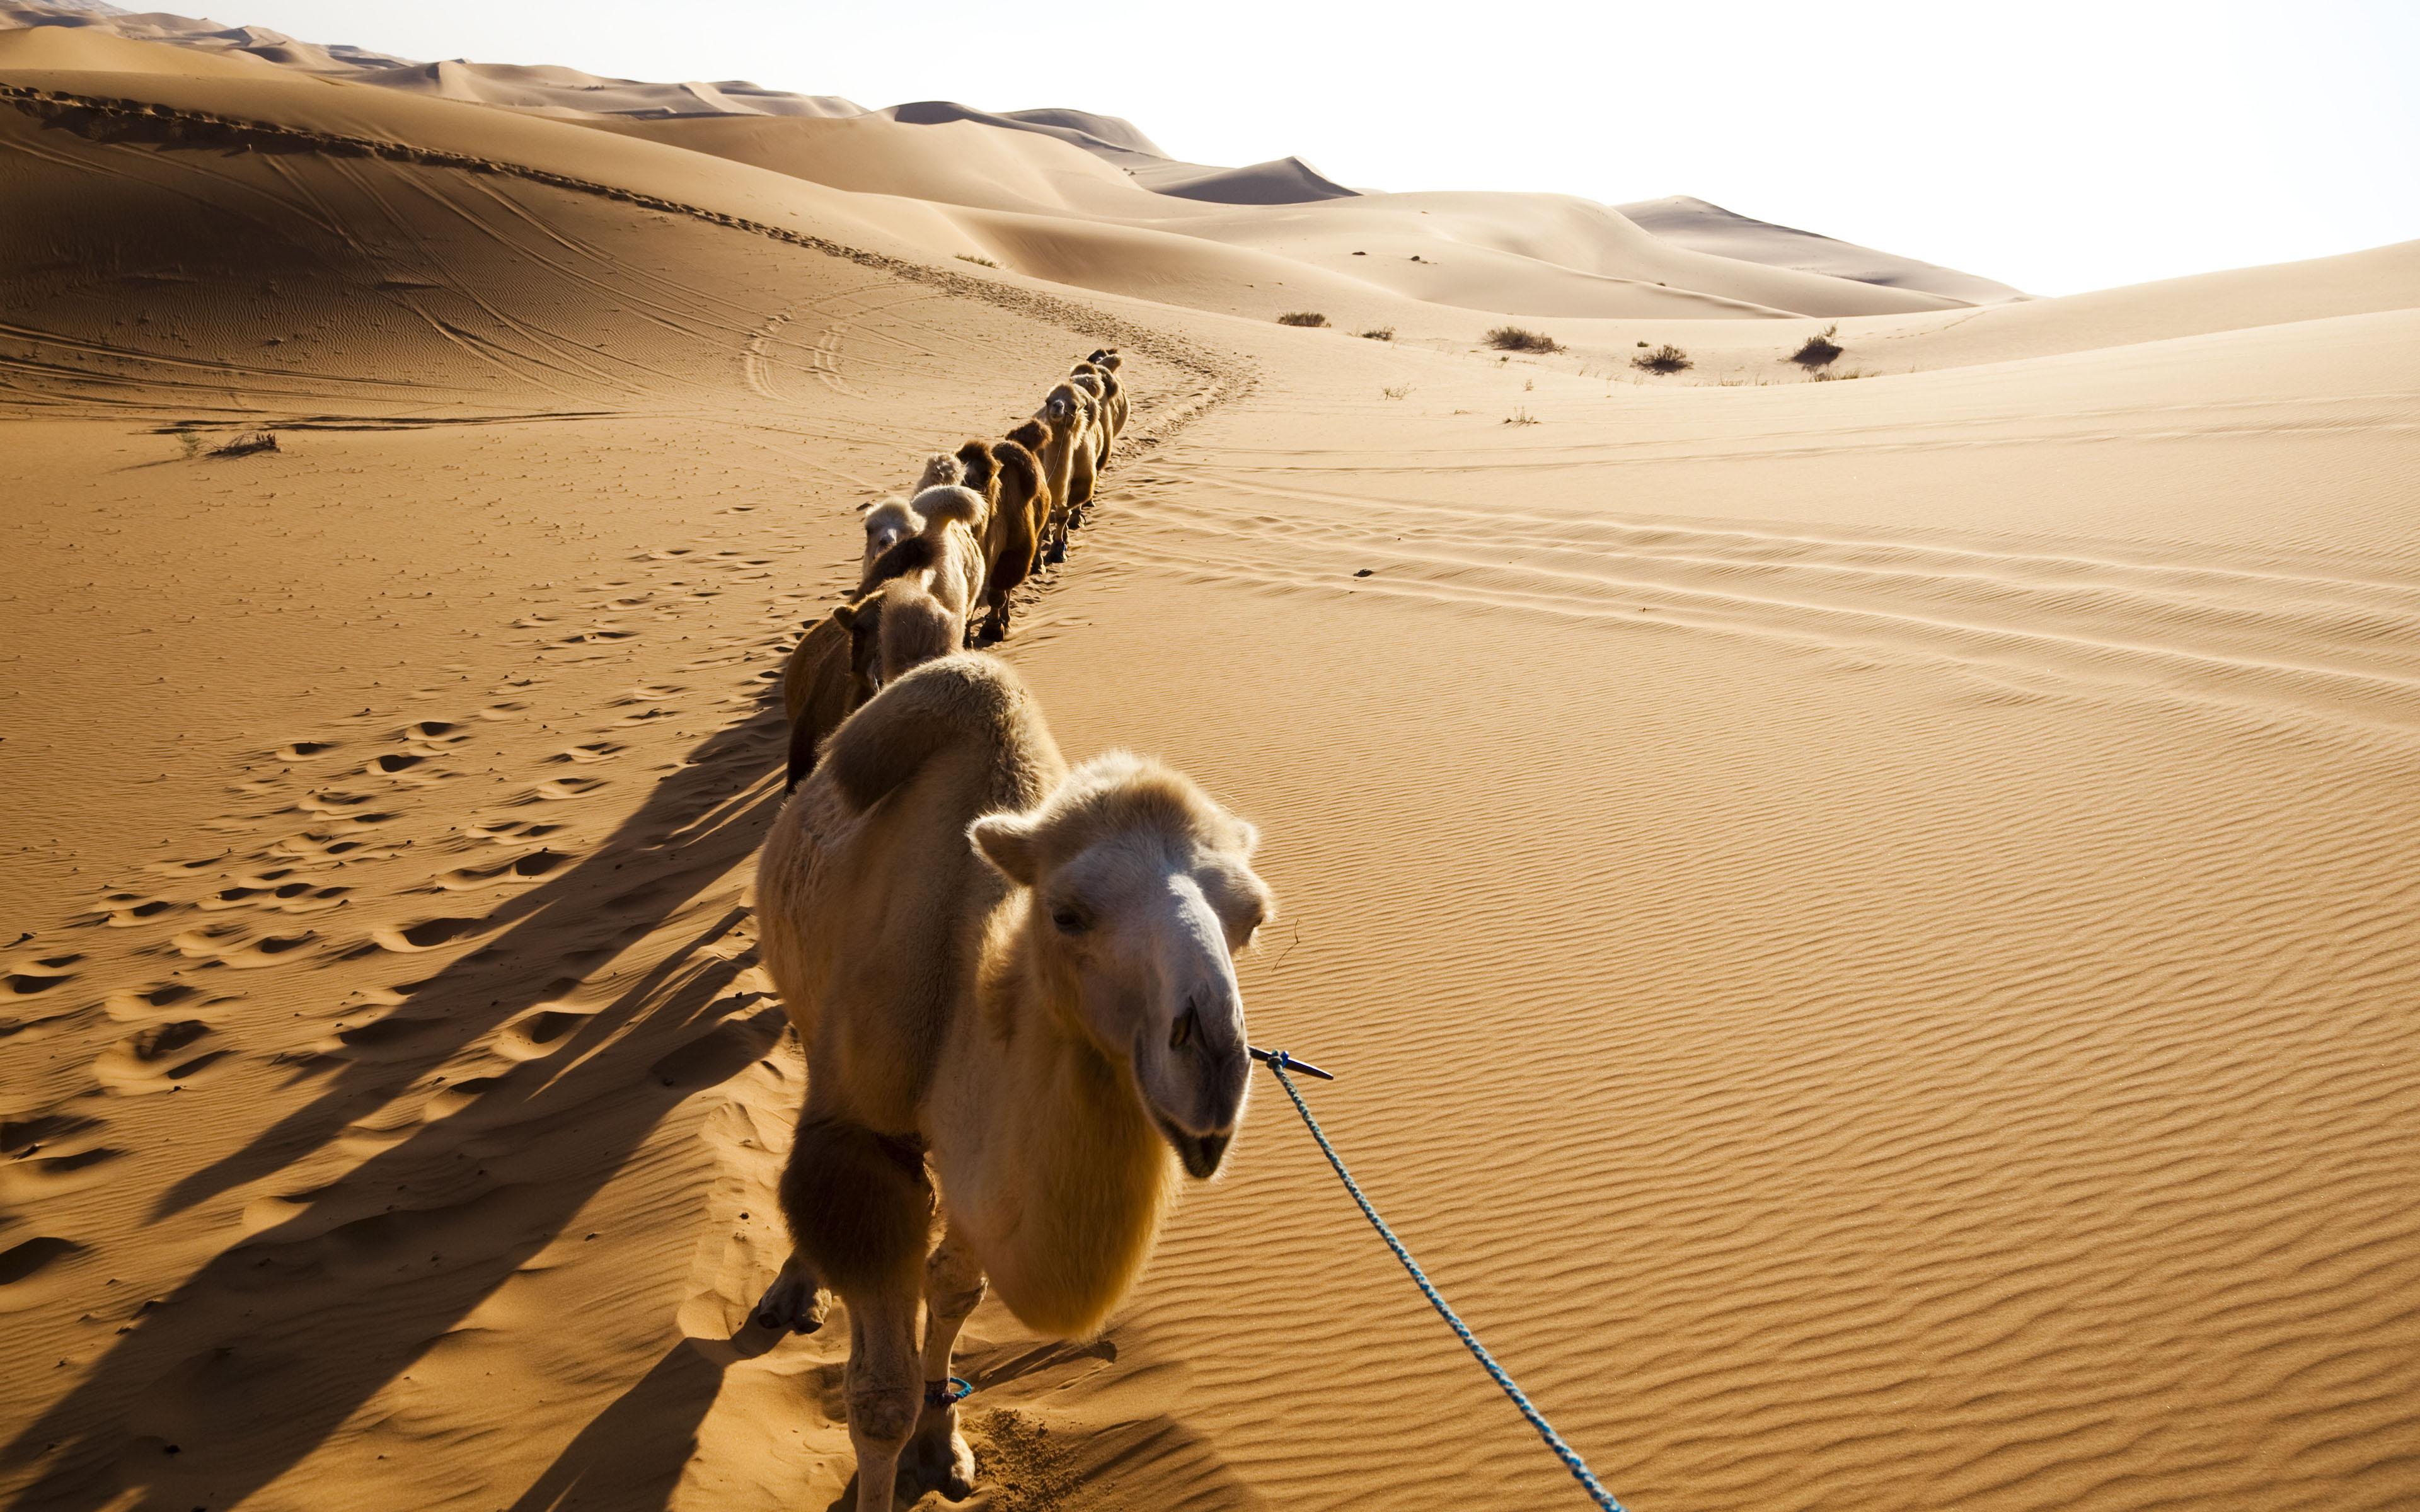 camel widescreen wallpaper 52001